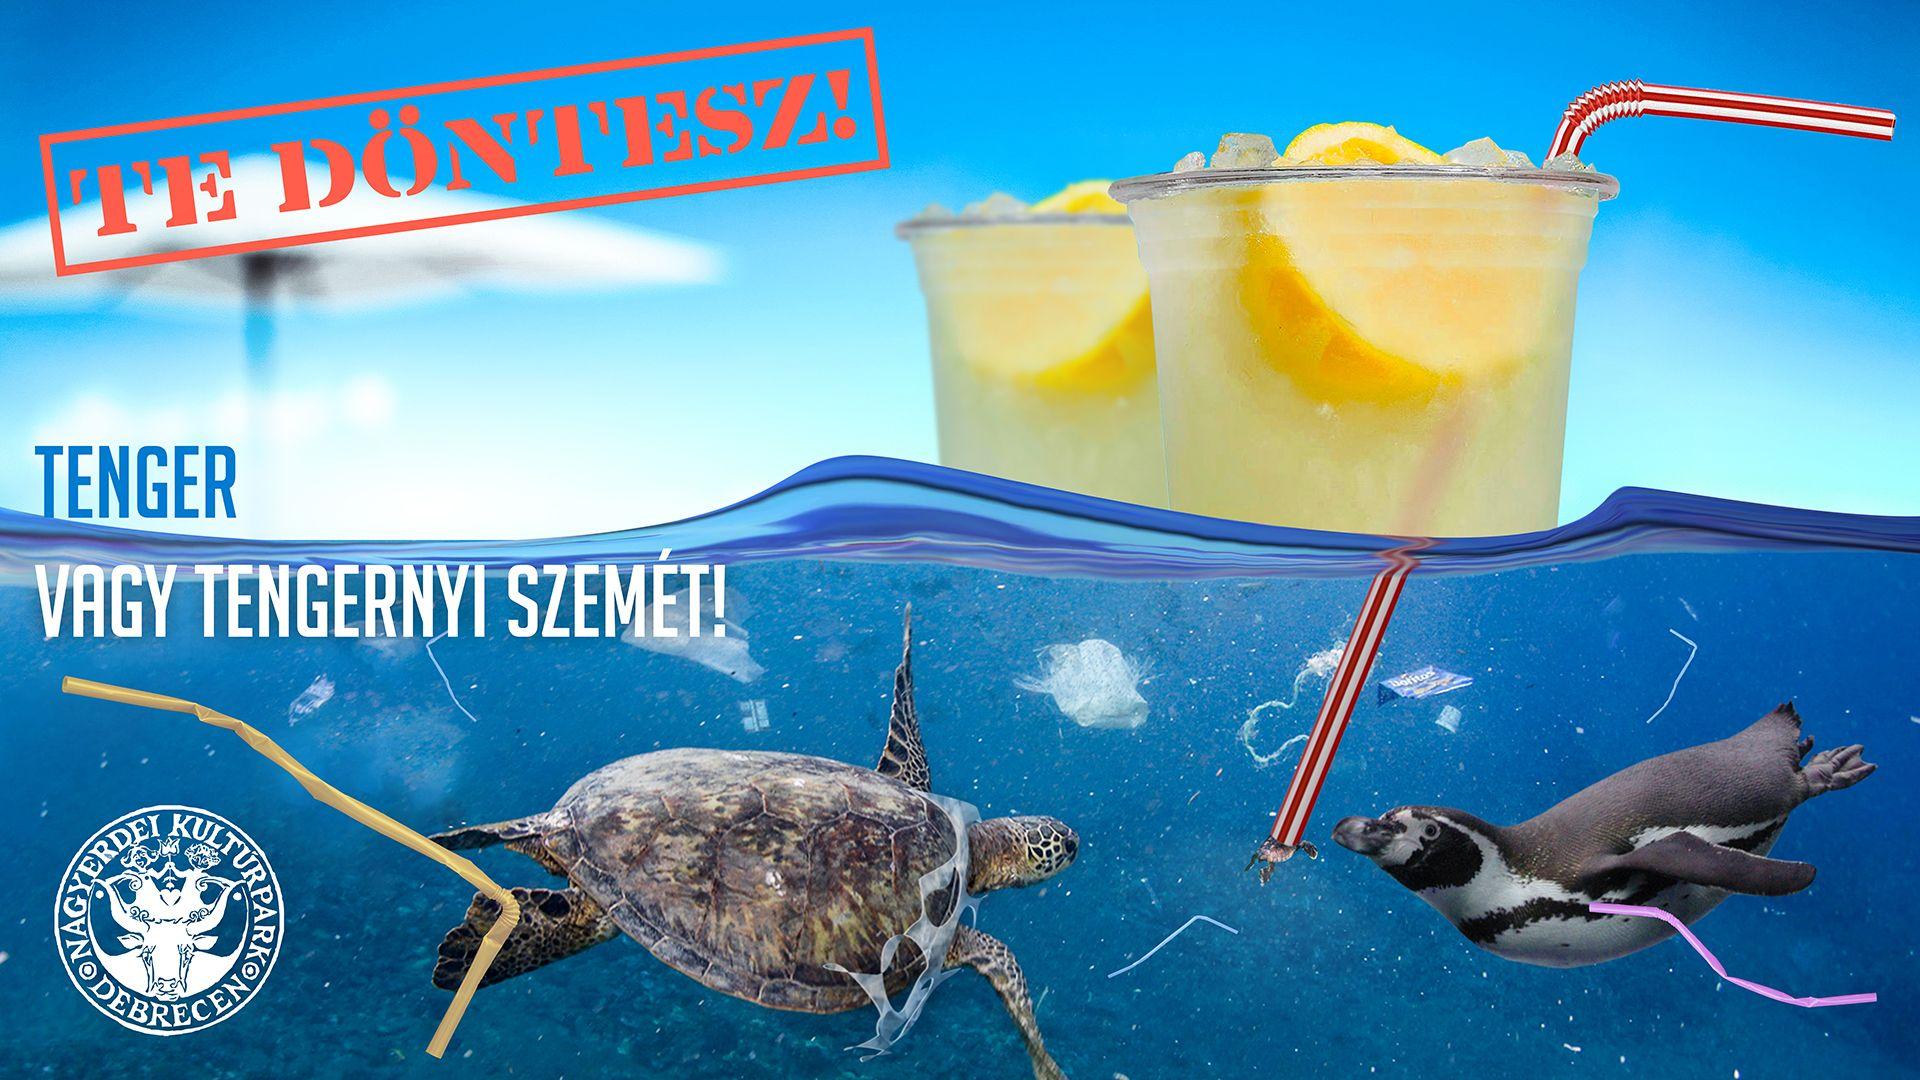 A Debreceni Állatkert és Vidámpark mától kitiltja az egyszer használatos műanyagokat!